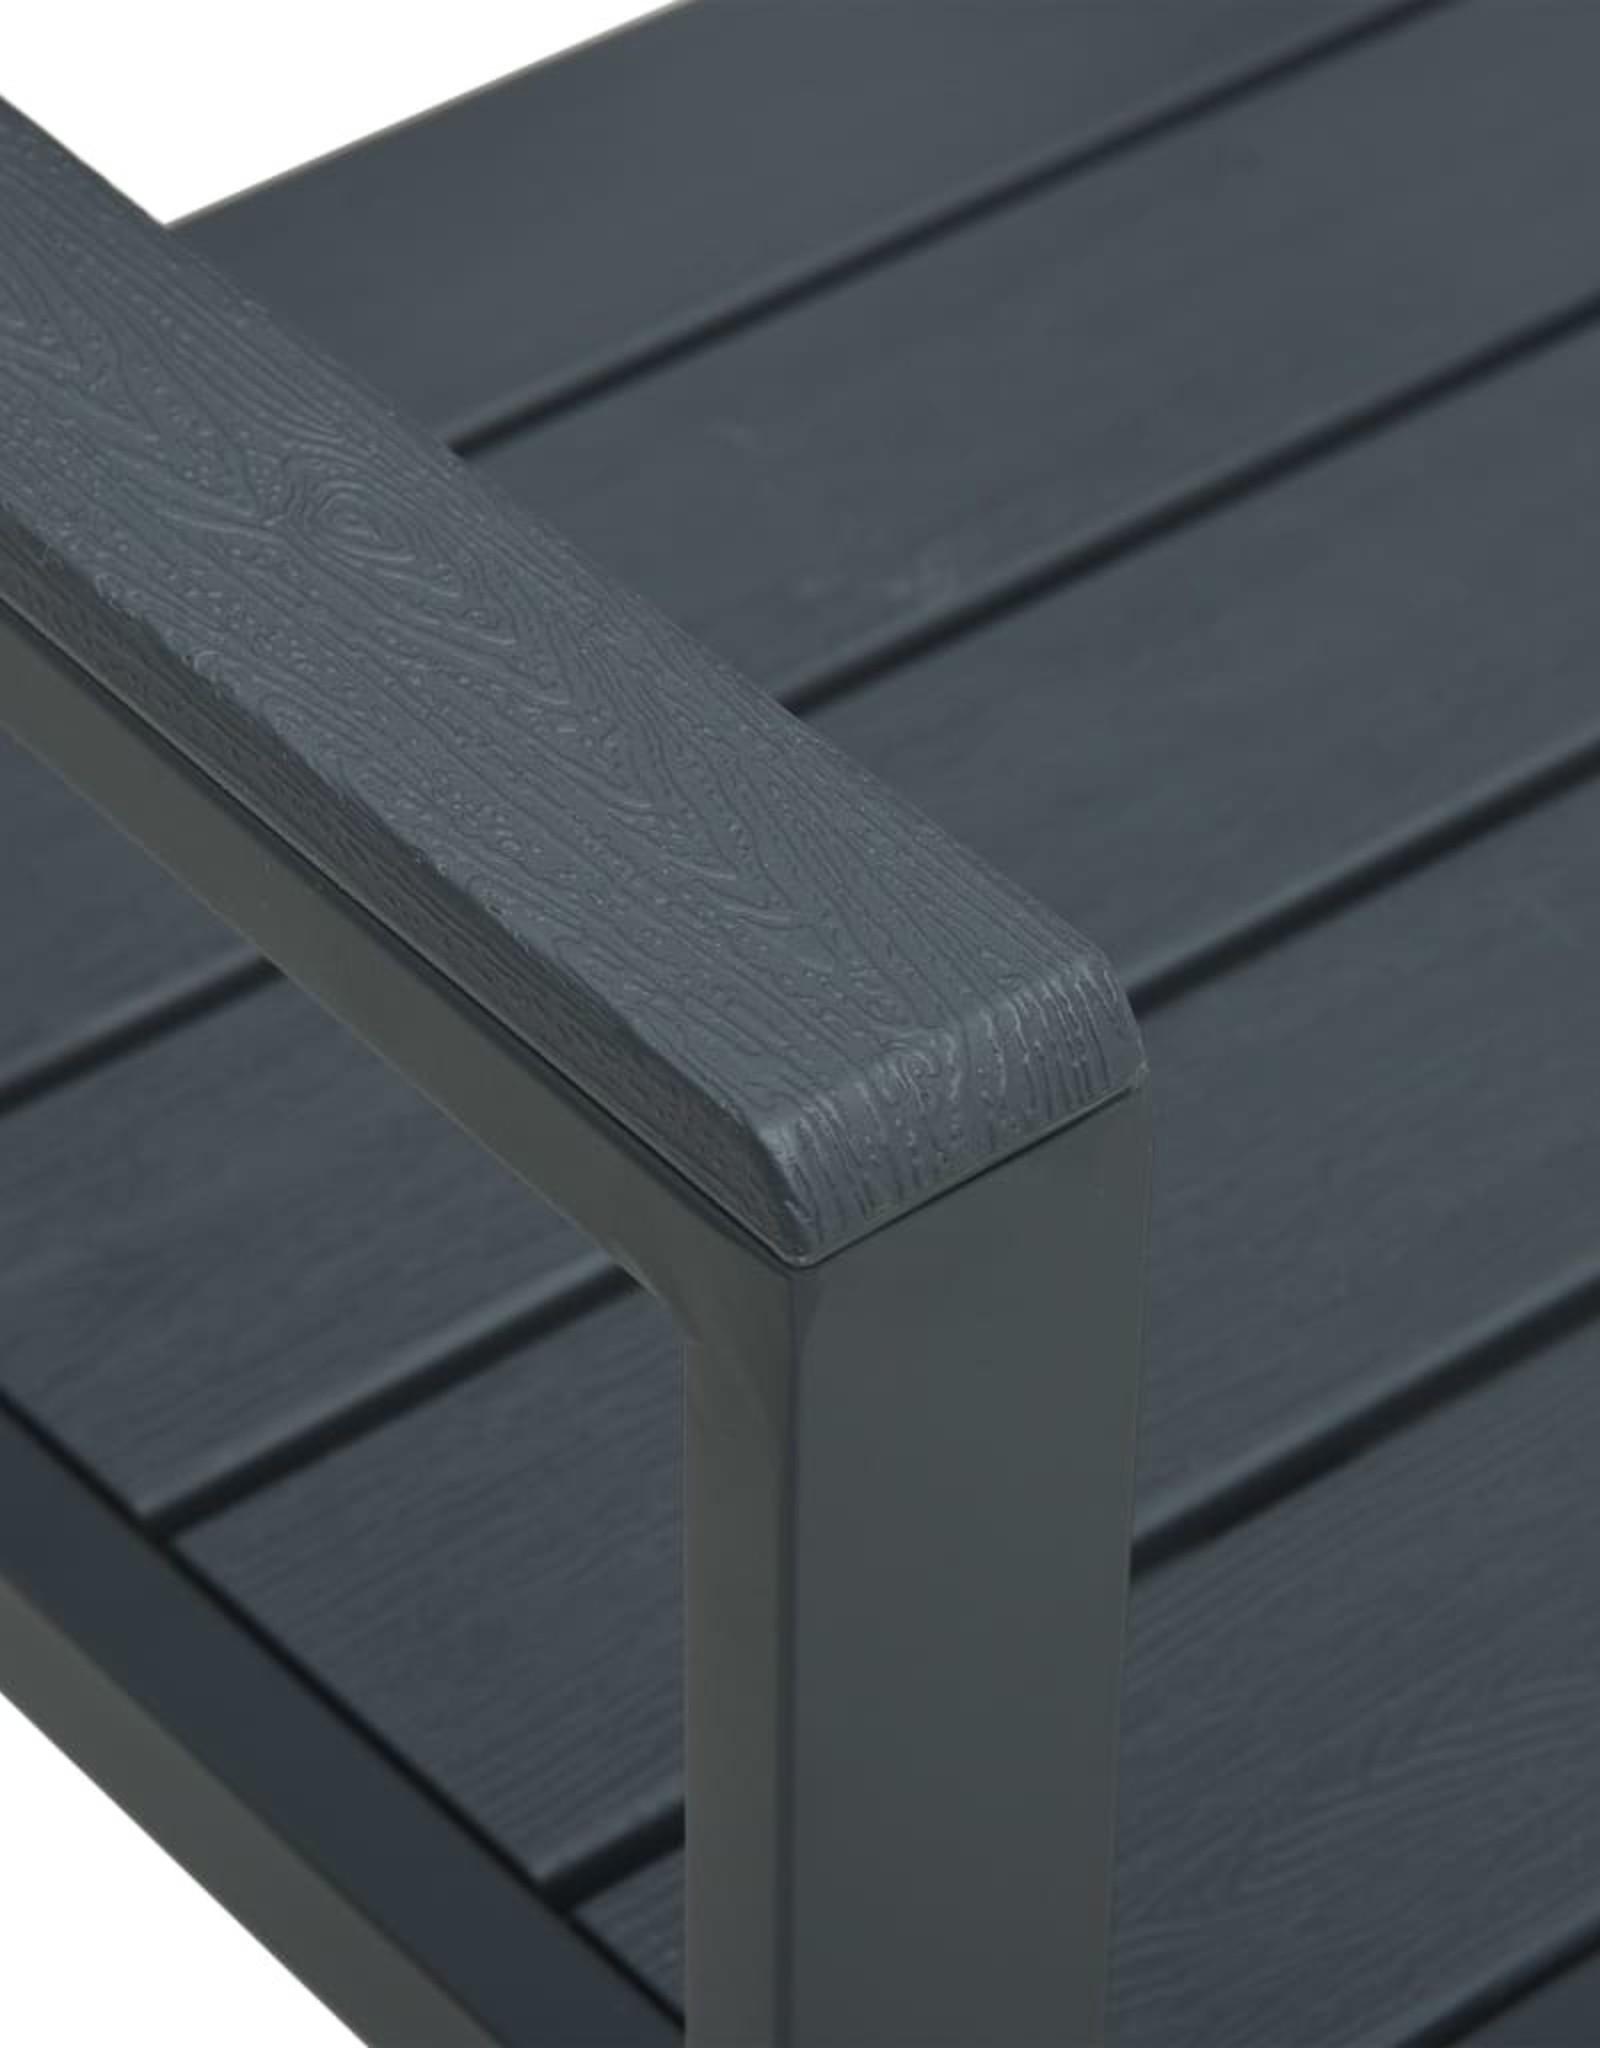 vidaXL 3-delige Bistroset hout-look HDPE grijs